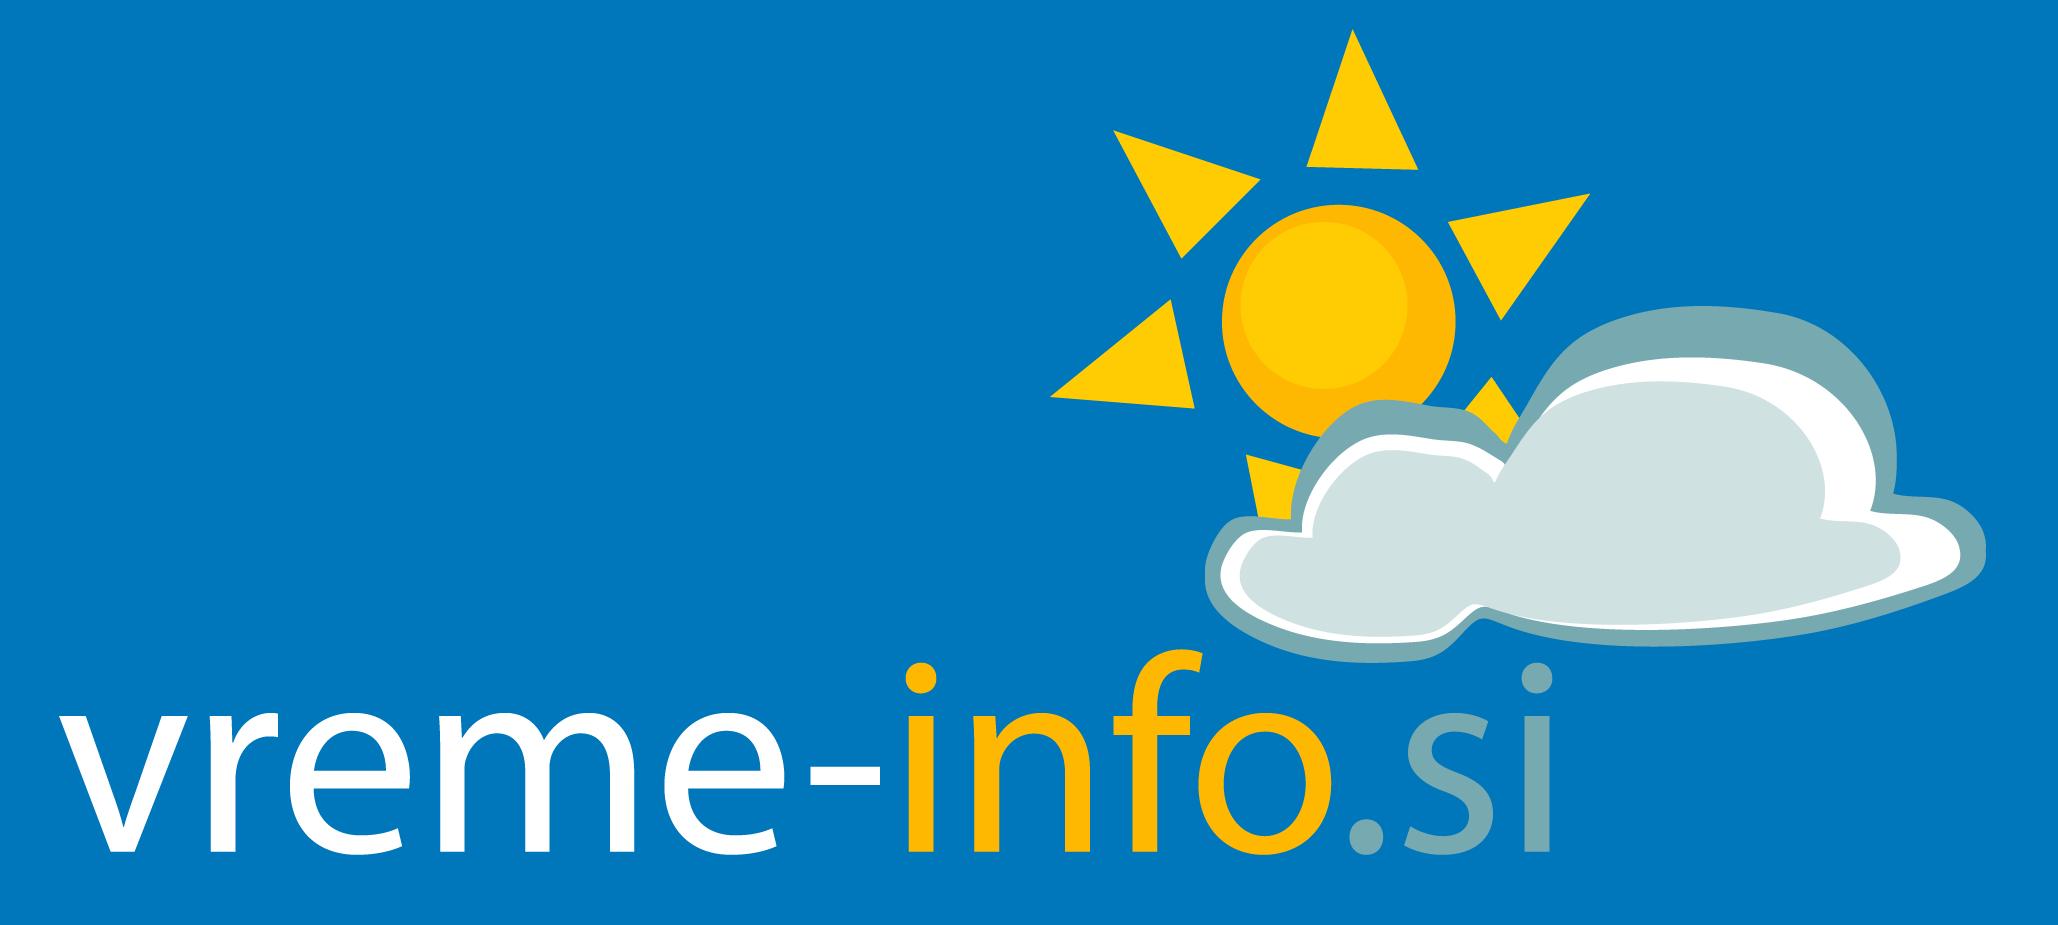 Portal aktualnih informacij vreme-info.si